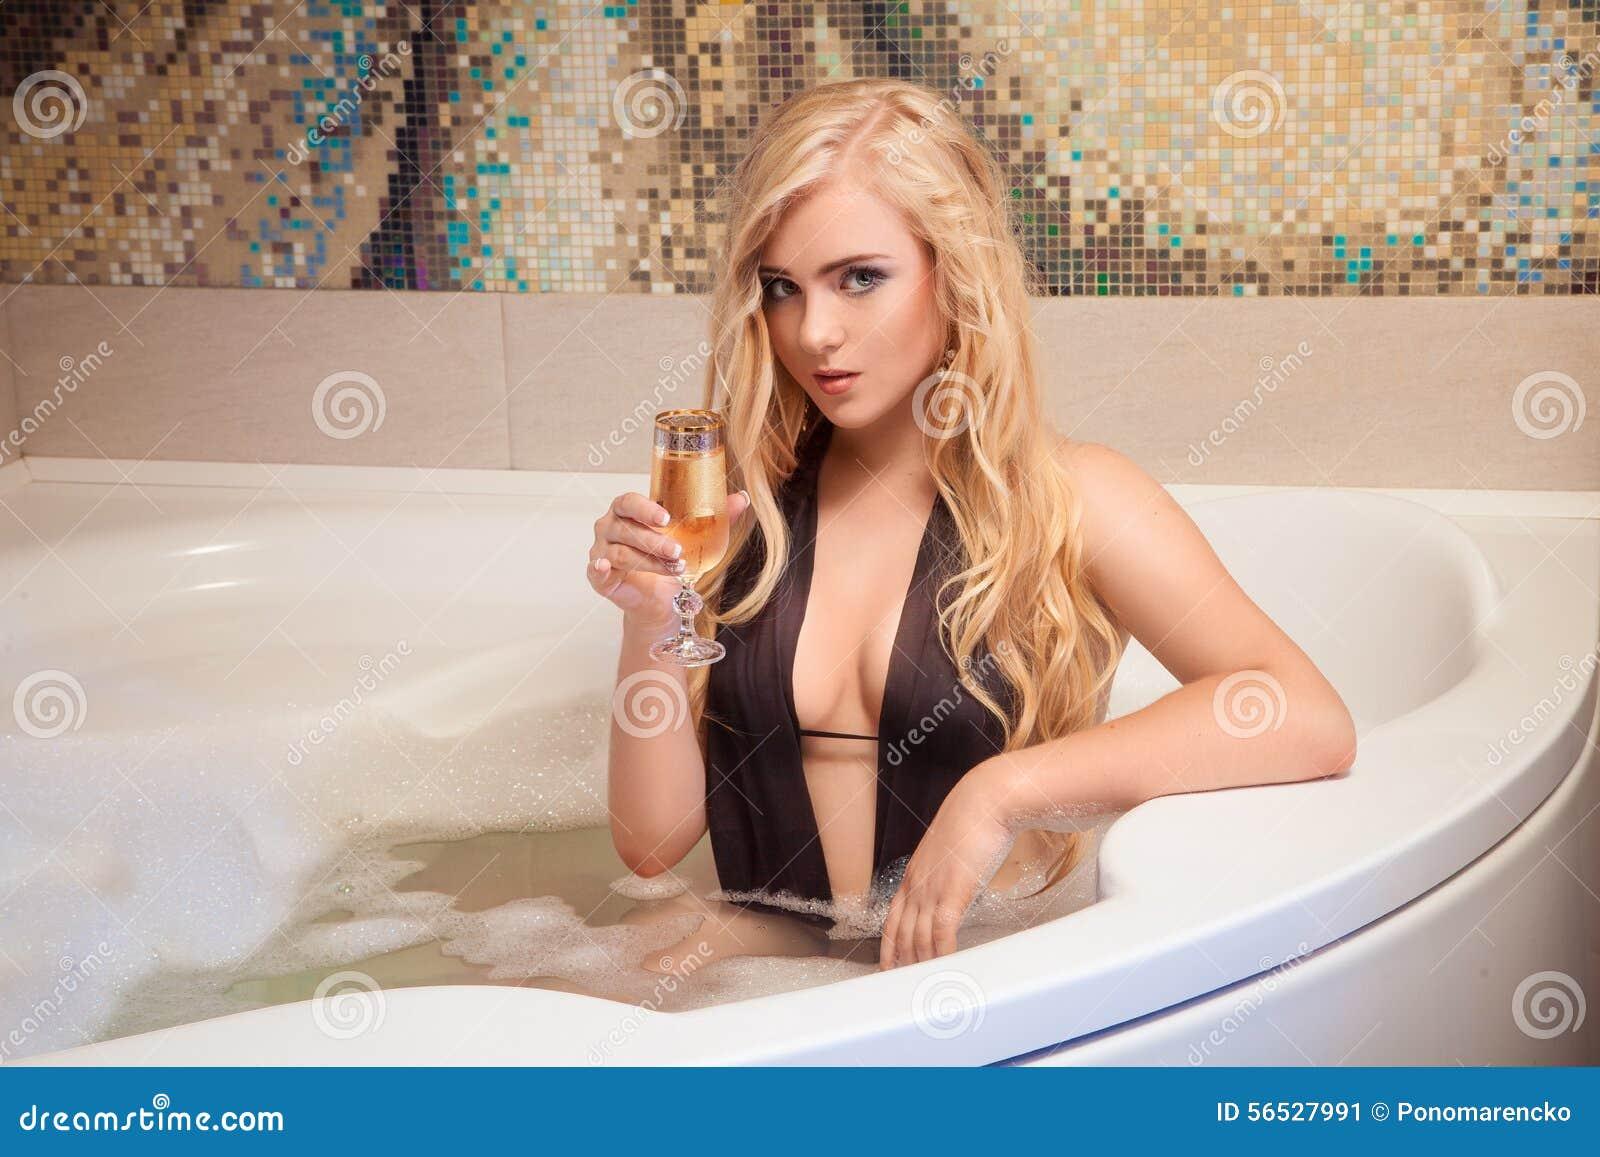 Blonde In Bath 113